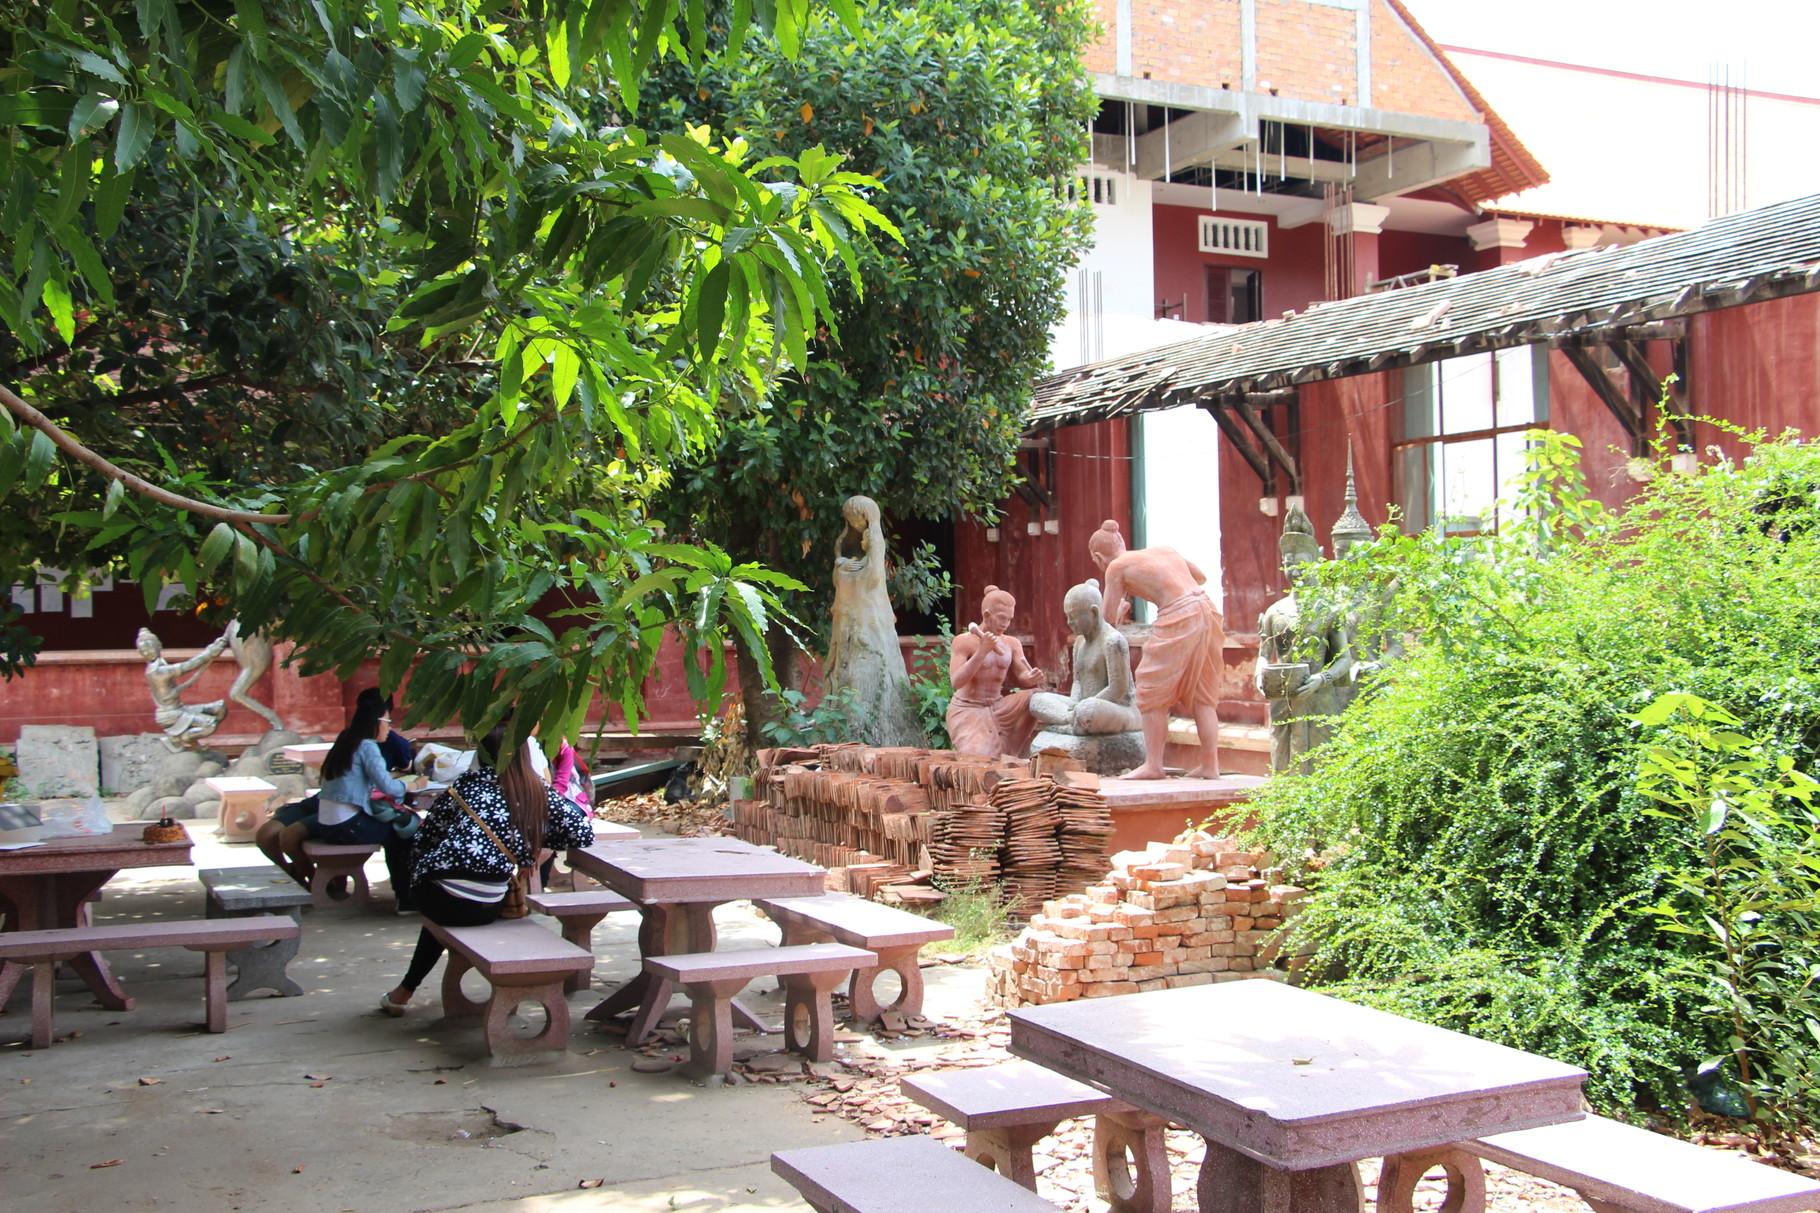 Bibliothèque en cours de rénovation et travaux d'étudiants. Photo prise par Jenna Martin.